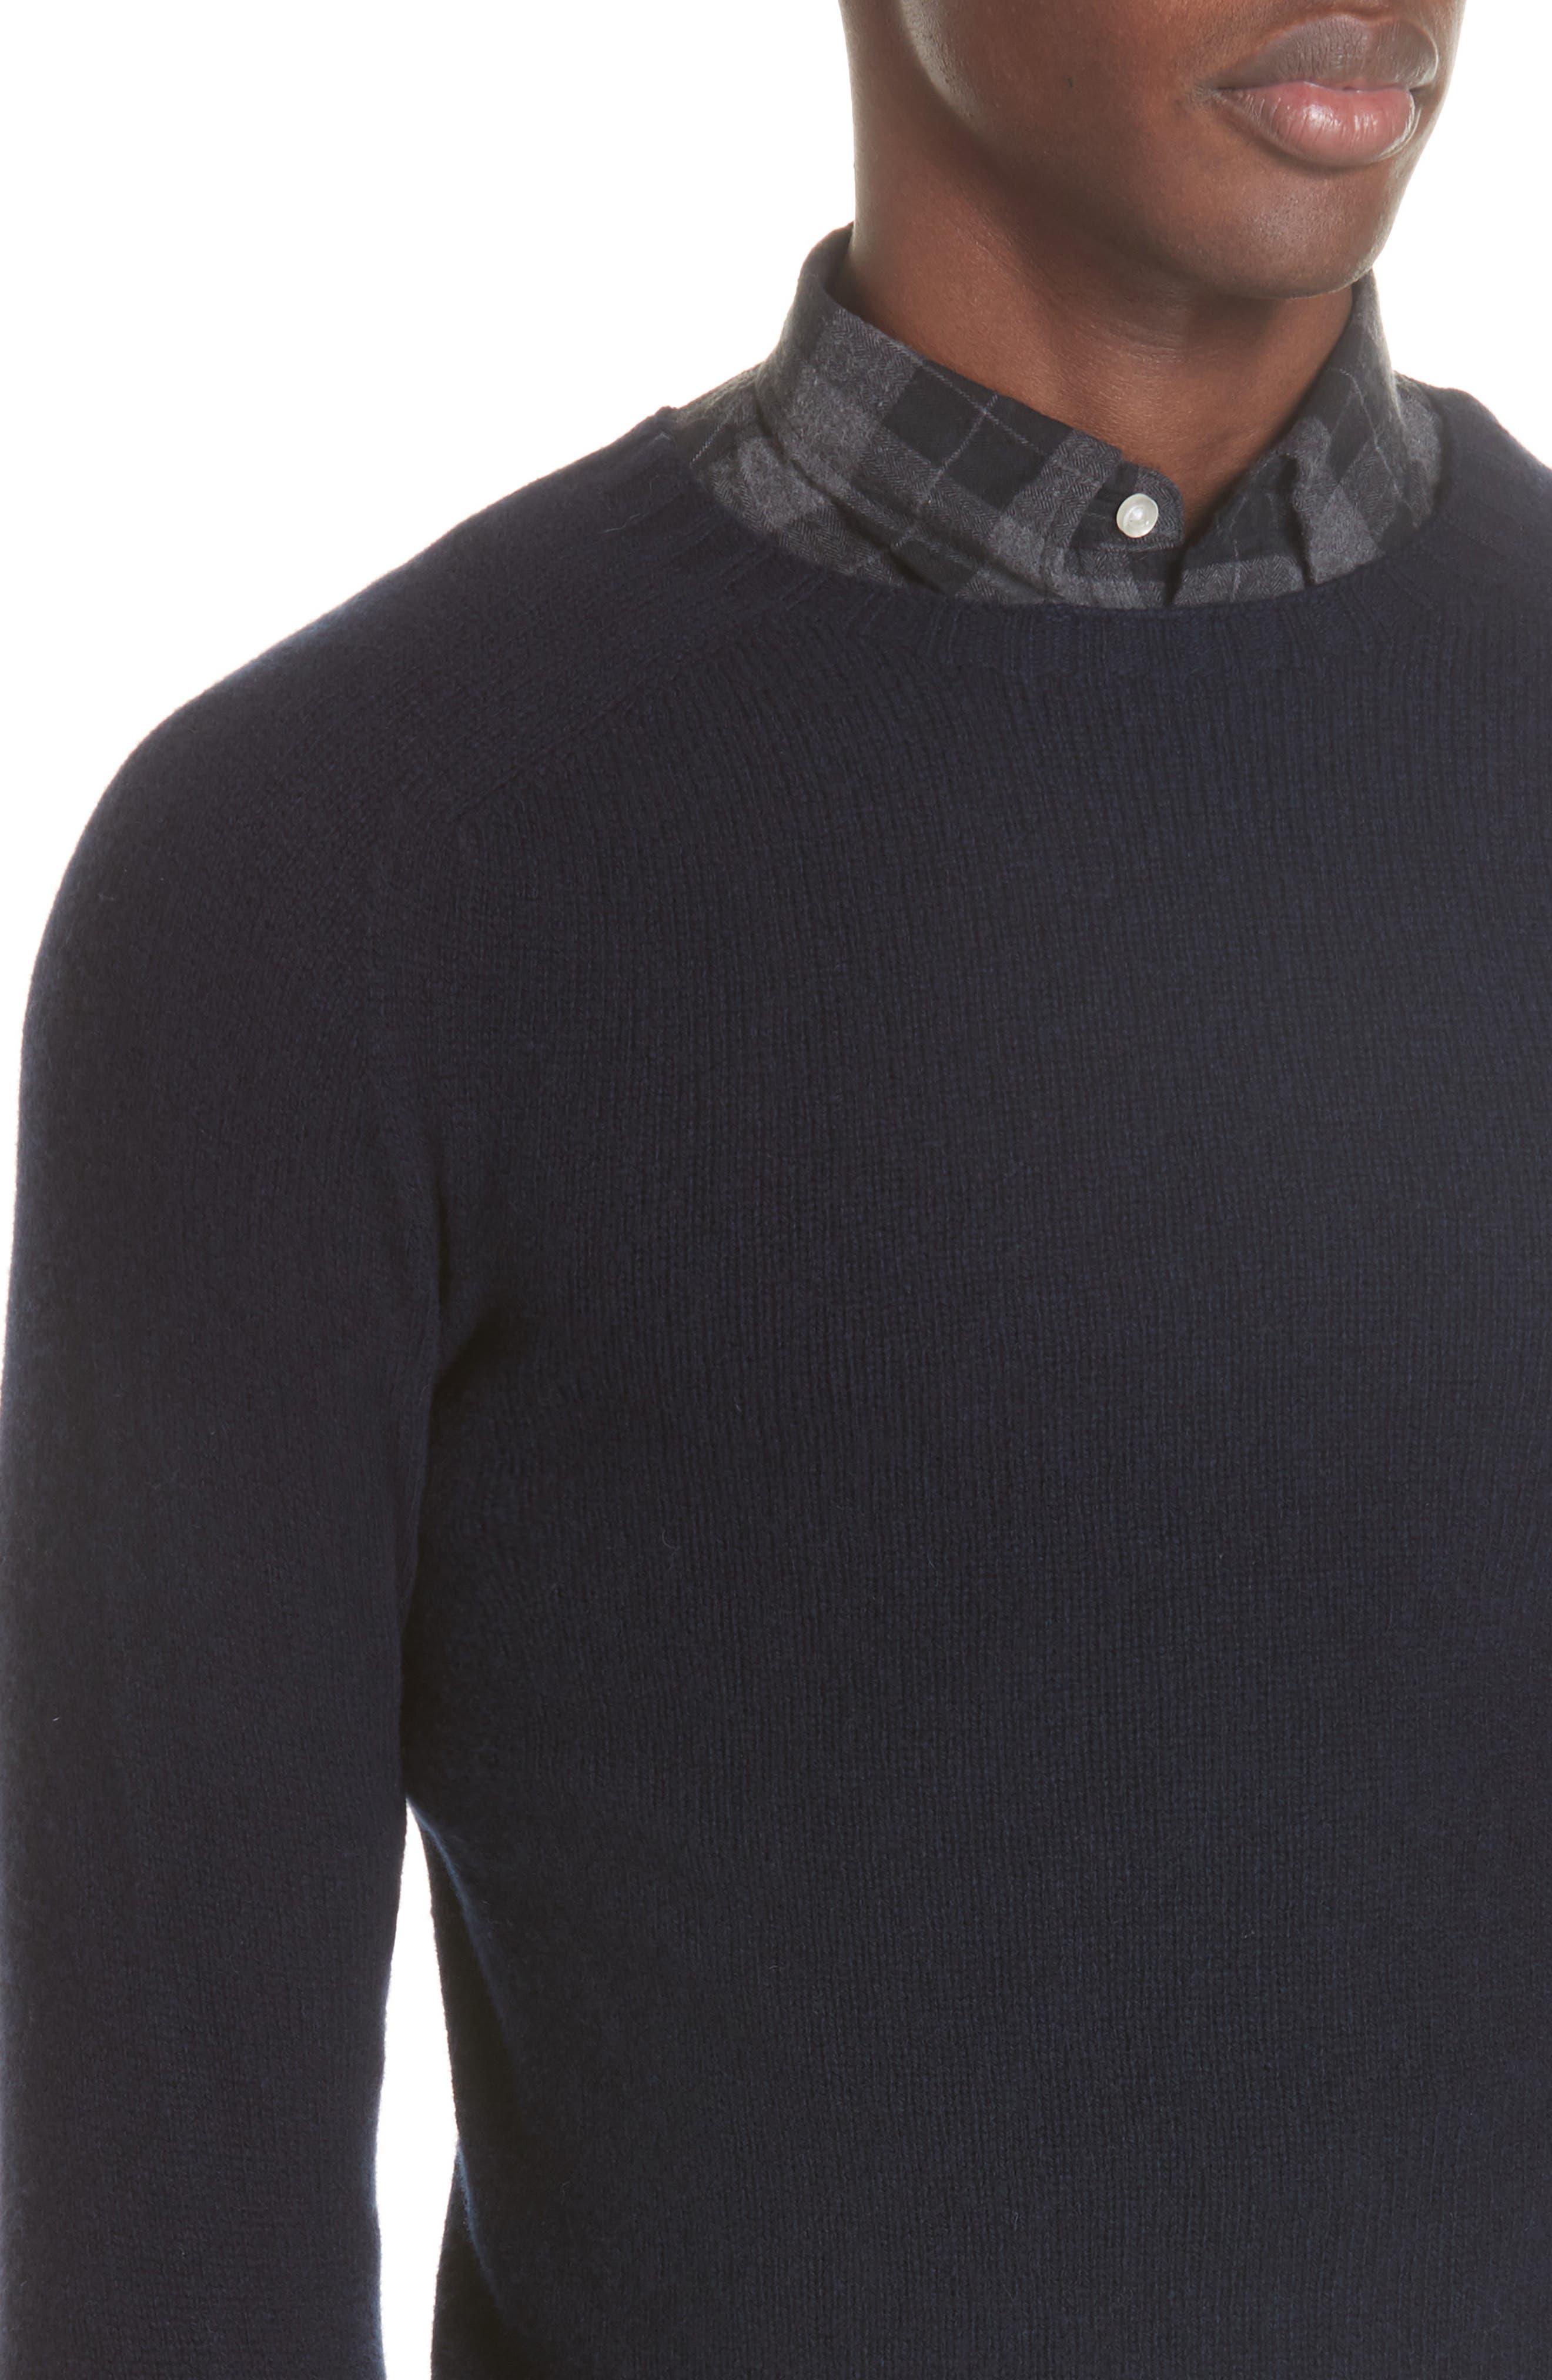 Officine Générale Wool Crewneck Sweater,                             Alternate thumbnail 4, color,                             410